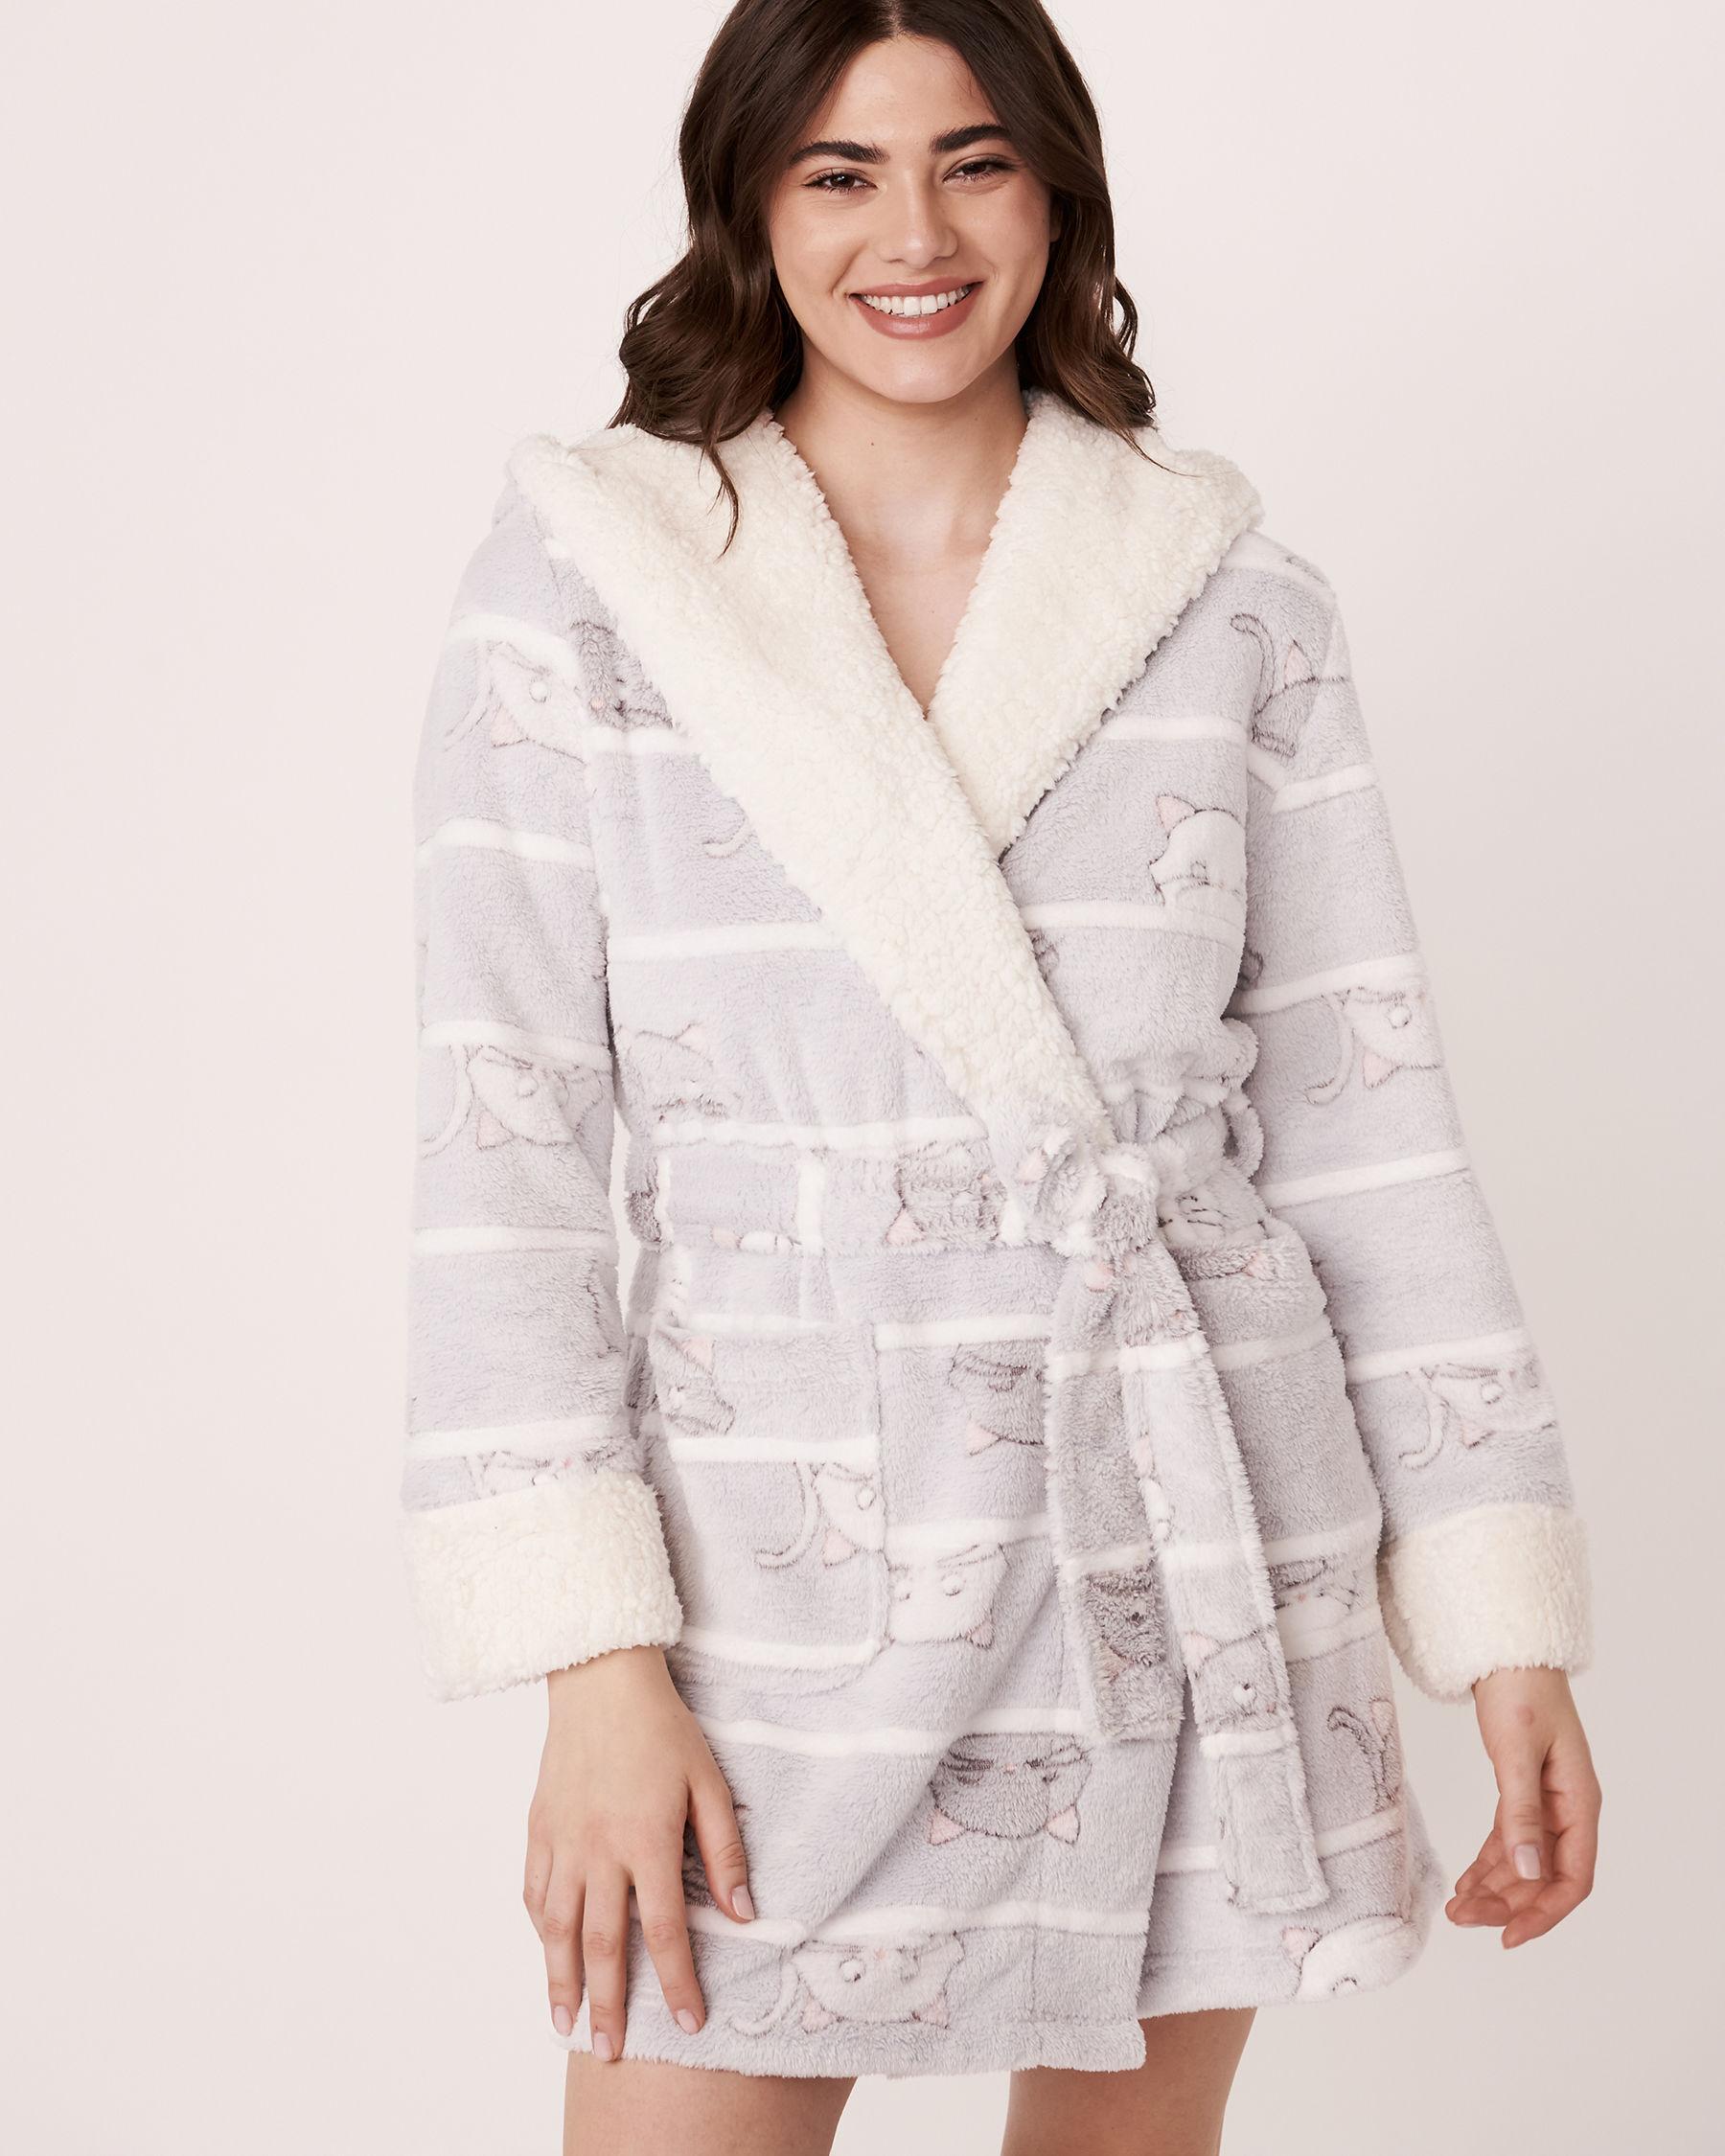 LA VIE EN ROSE Ultra Soft Plush Robe Cats 40600023 - View2